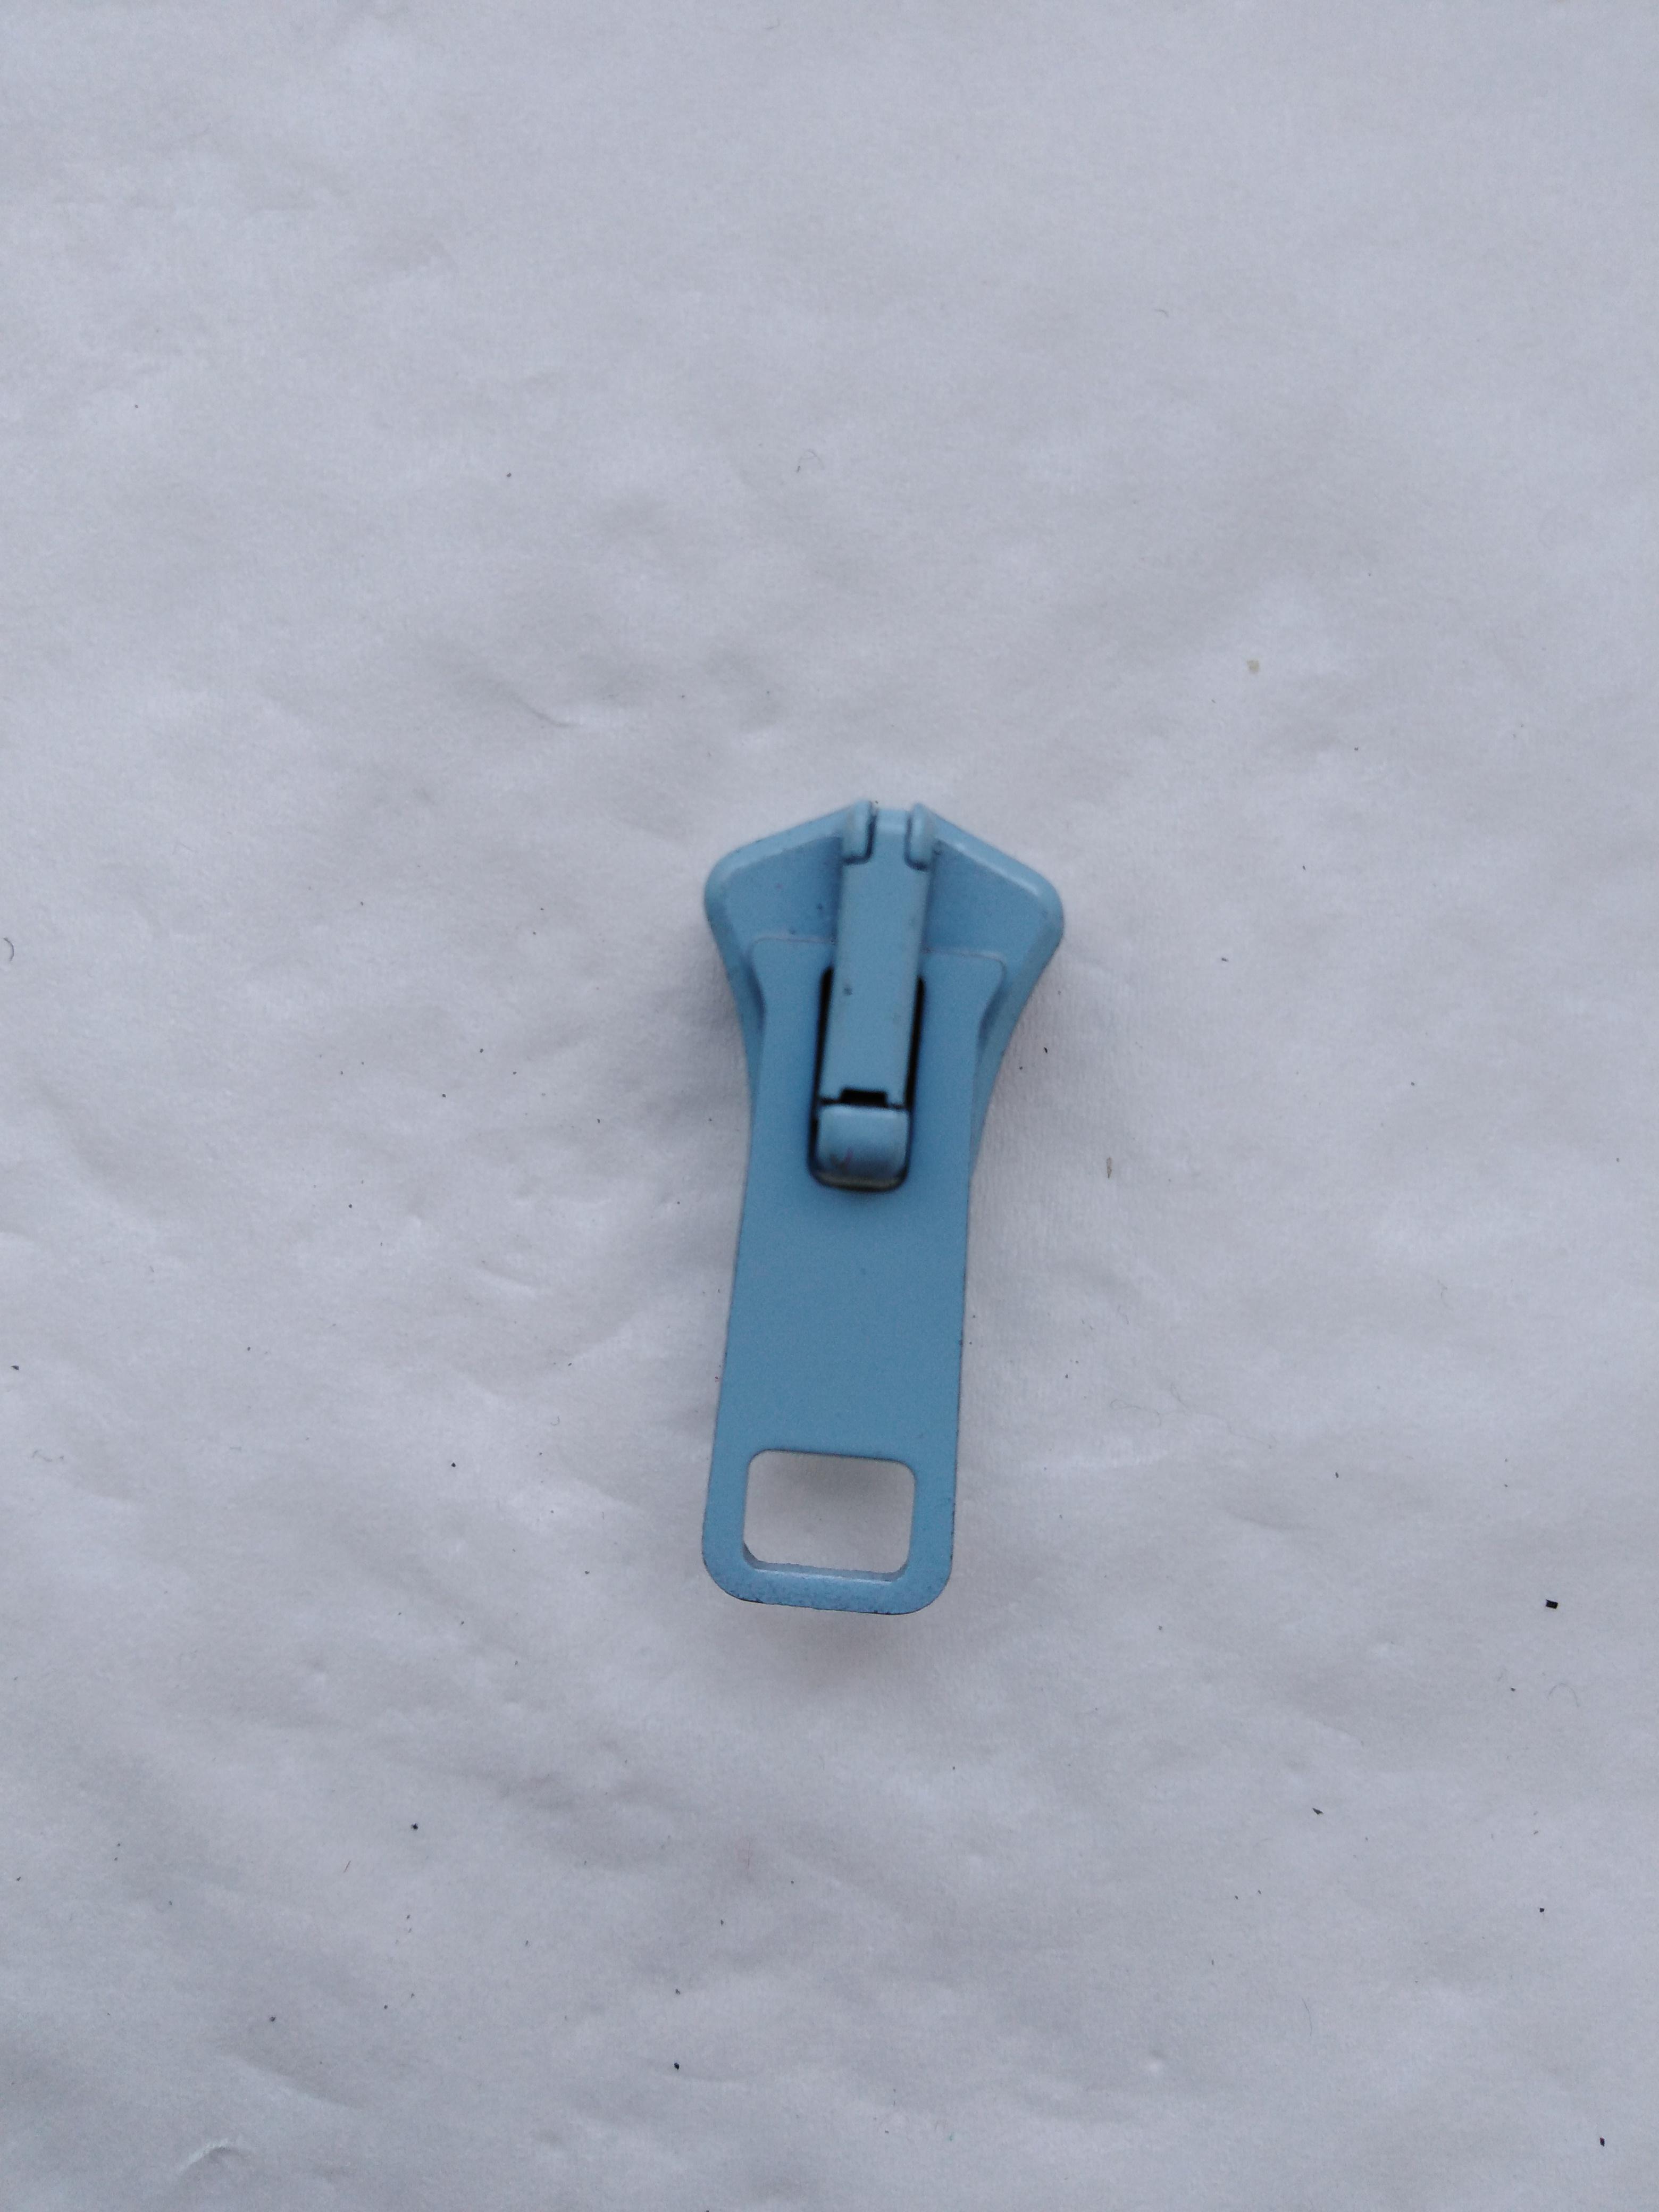 Jezdec k zipům PH6 aretační lakovaný světle modrý